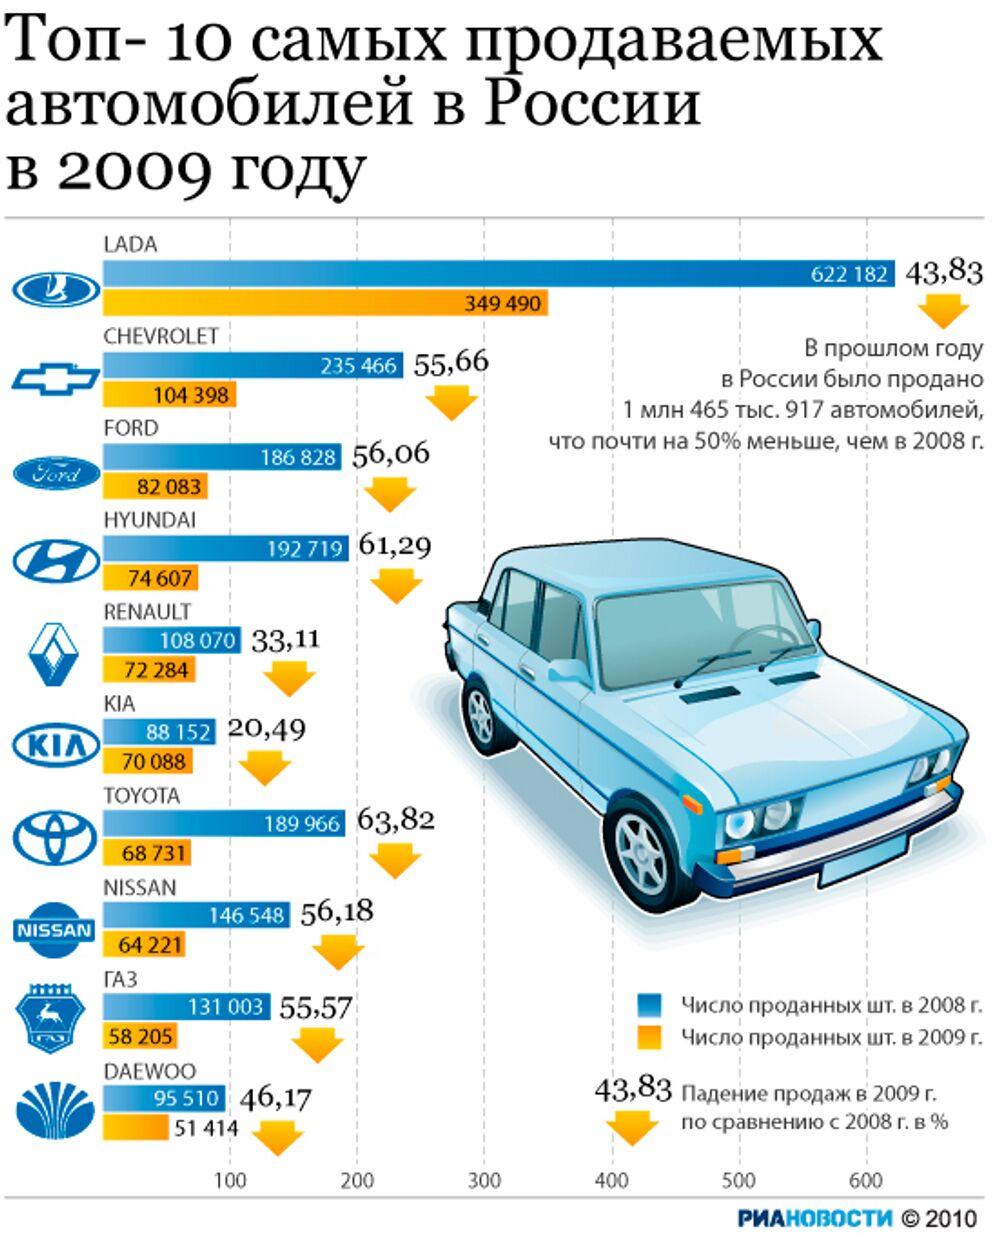 Топ-10 самых продаваемых автомобилей в России в 2009 году